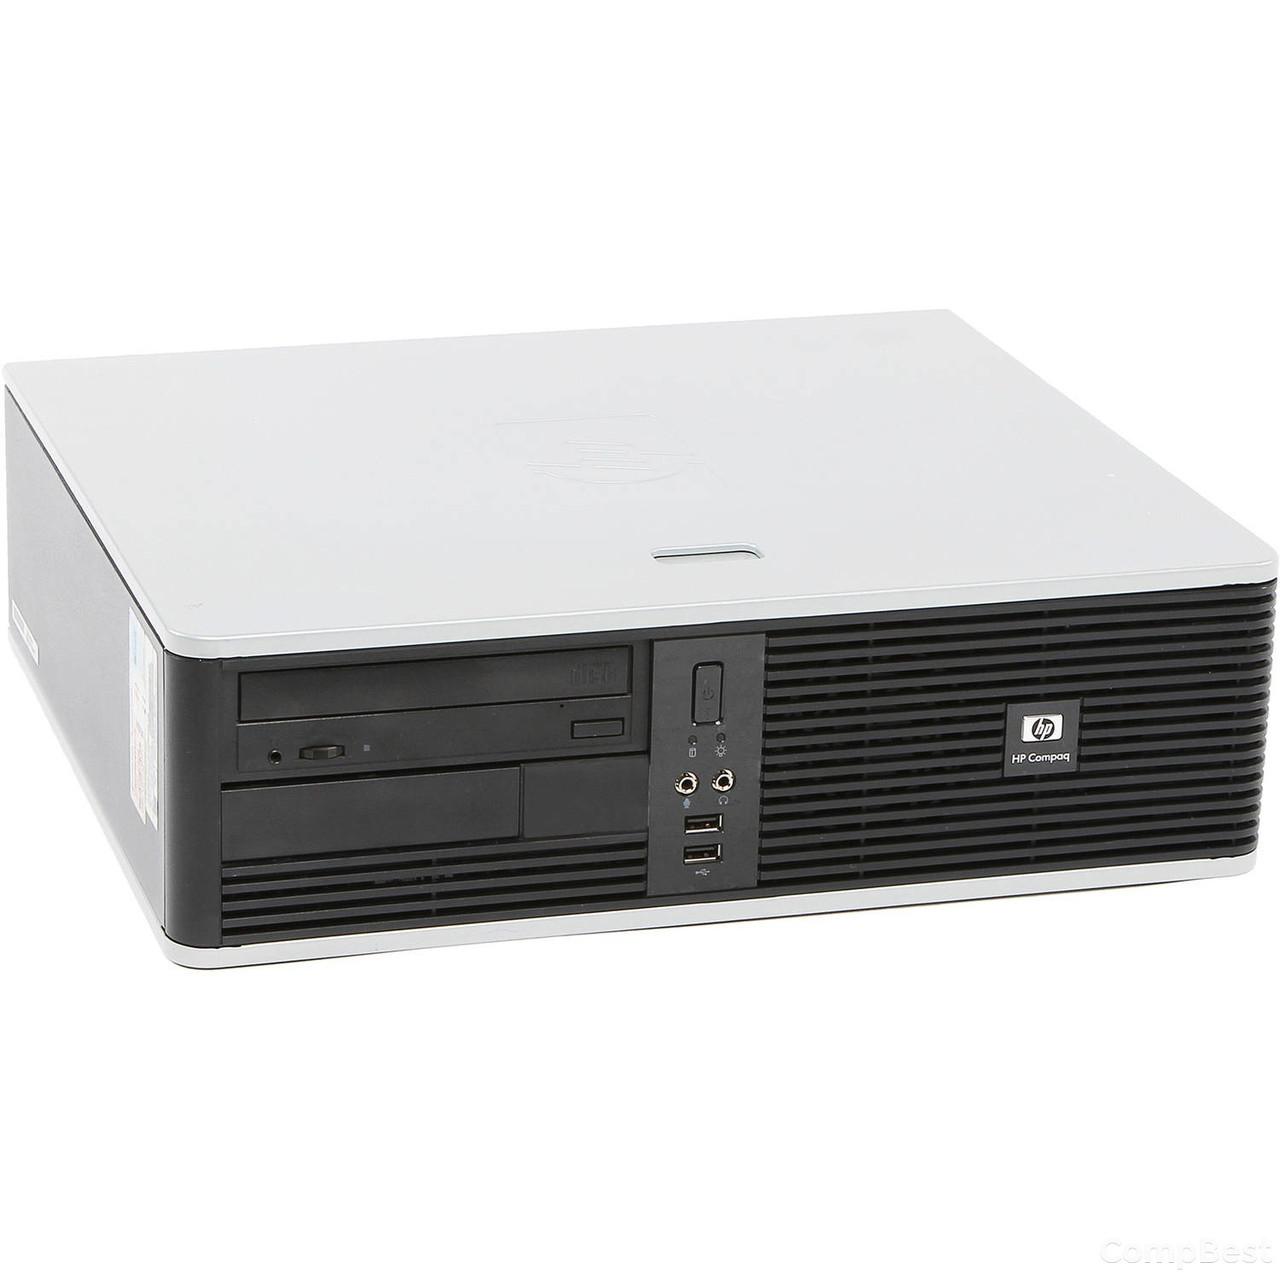 Hewlett-Packard DC5850 Desktop / AMD Athlon 5000b (2 ядра по 2.6GHz) / 4GB DDR2 / 160GB HDD